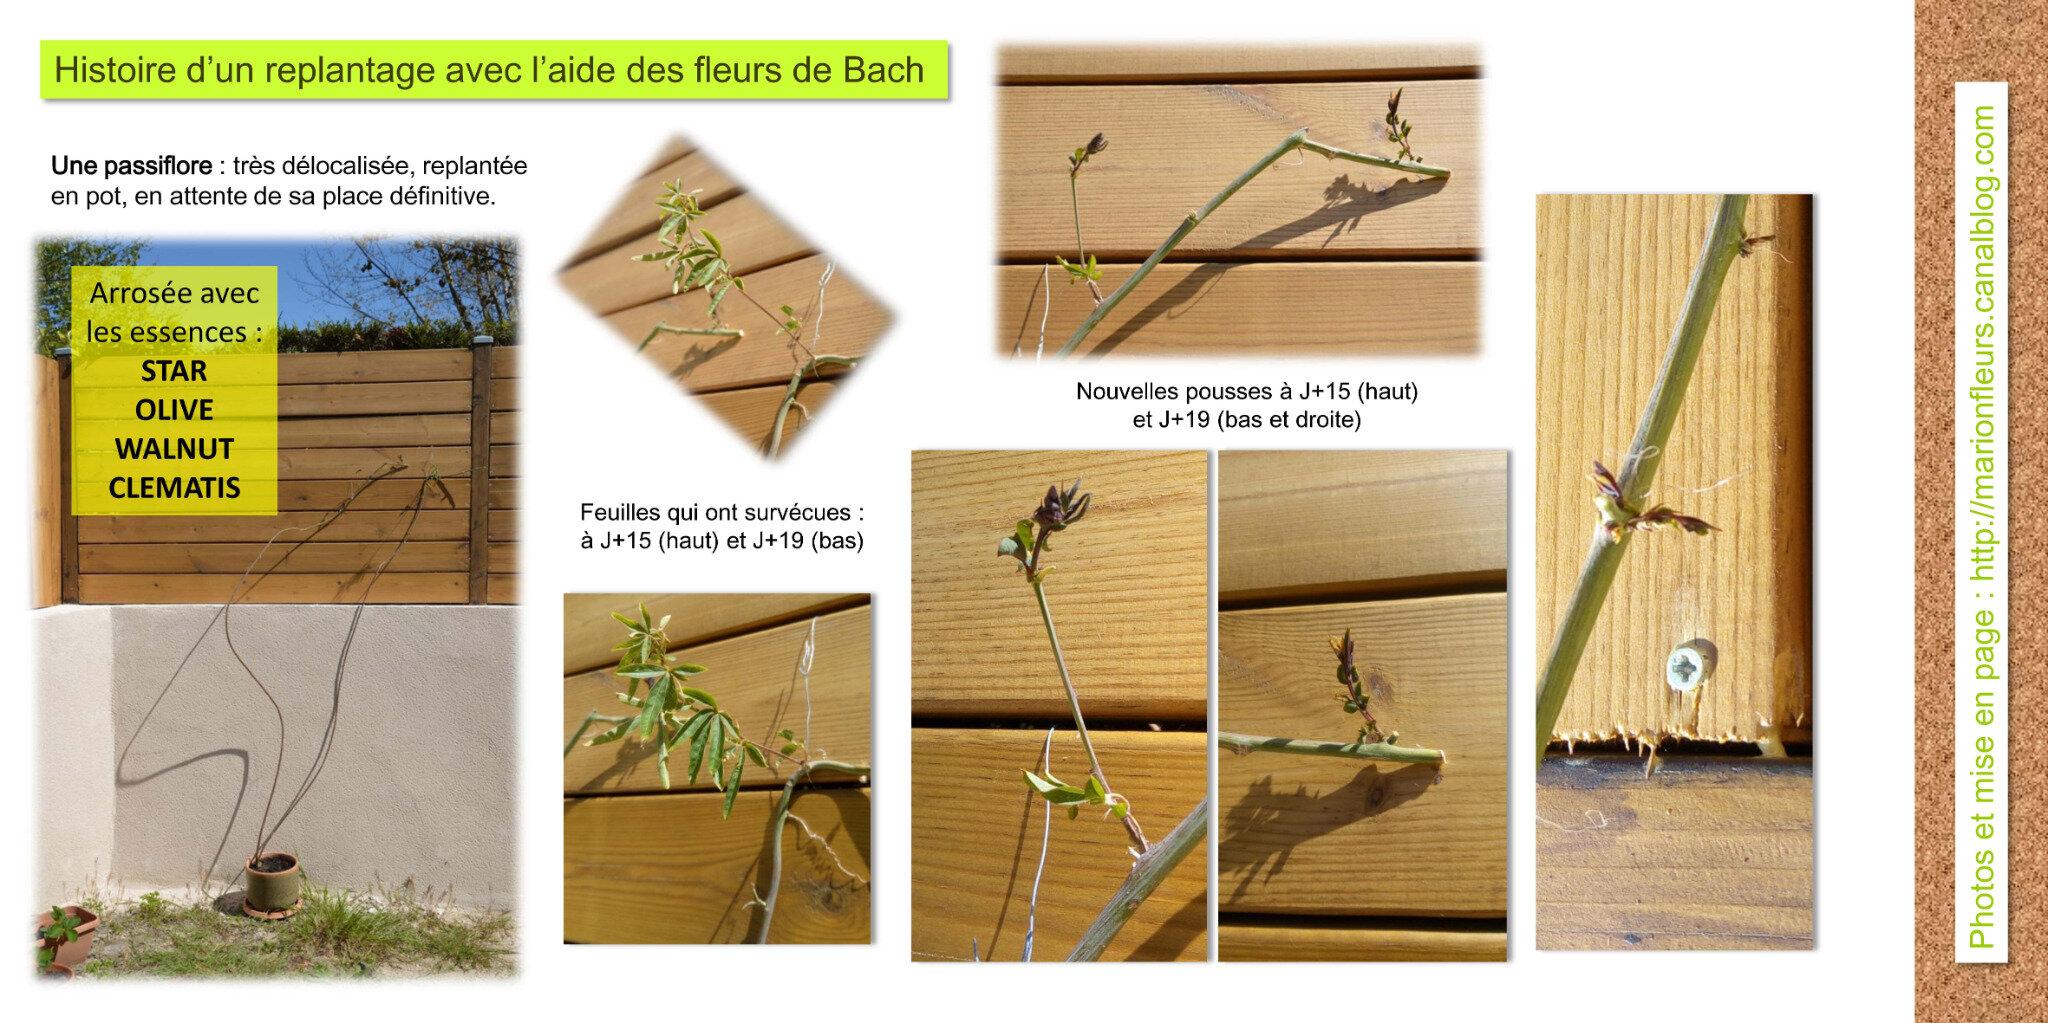 Replanter une plante de jardin déracinée de son lieu de vie et dévitalisée / Fleurs de Bach : divers